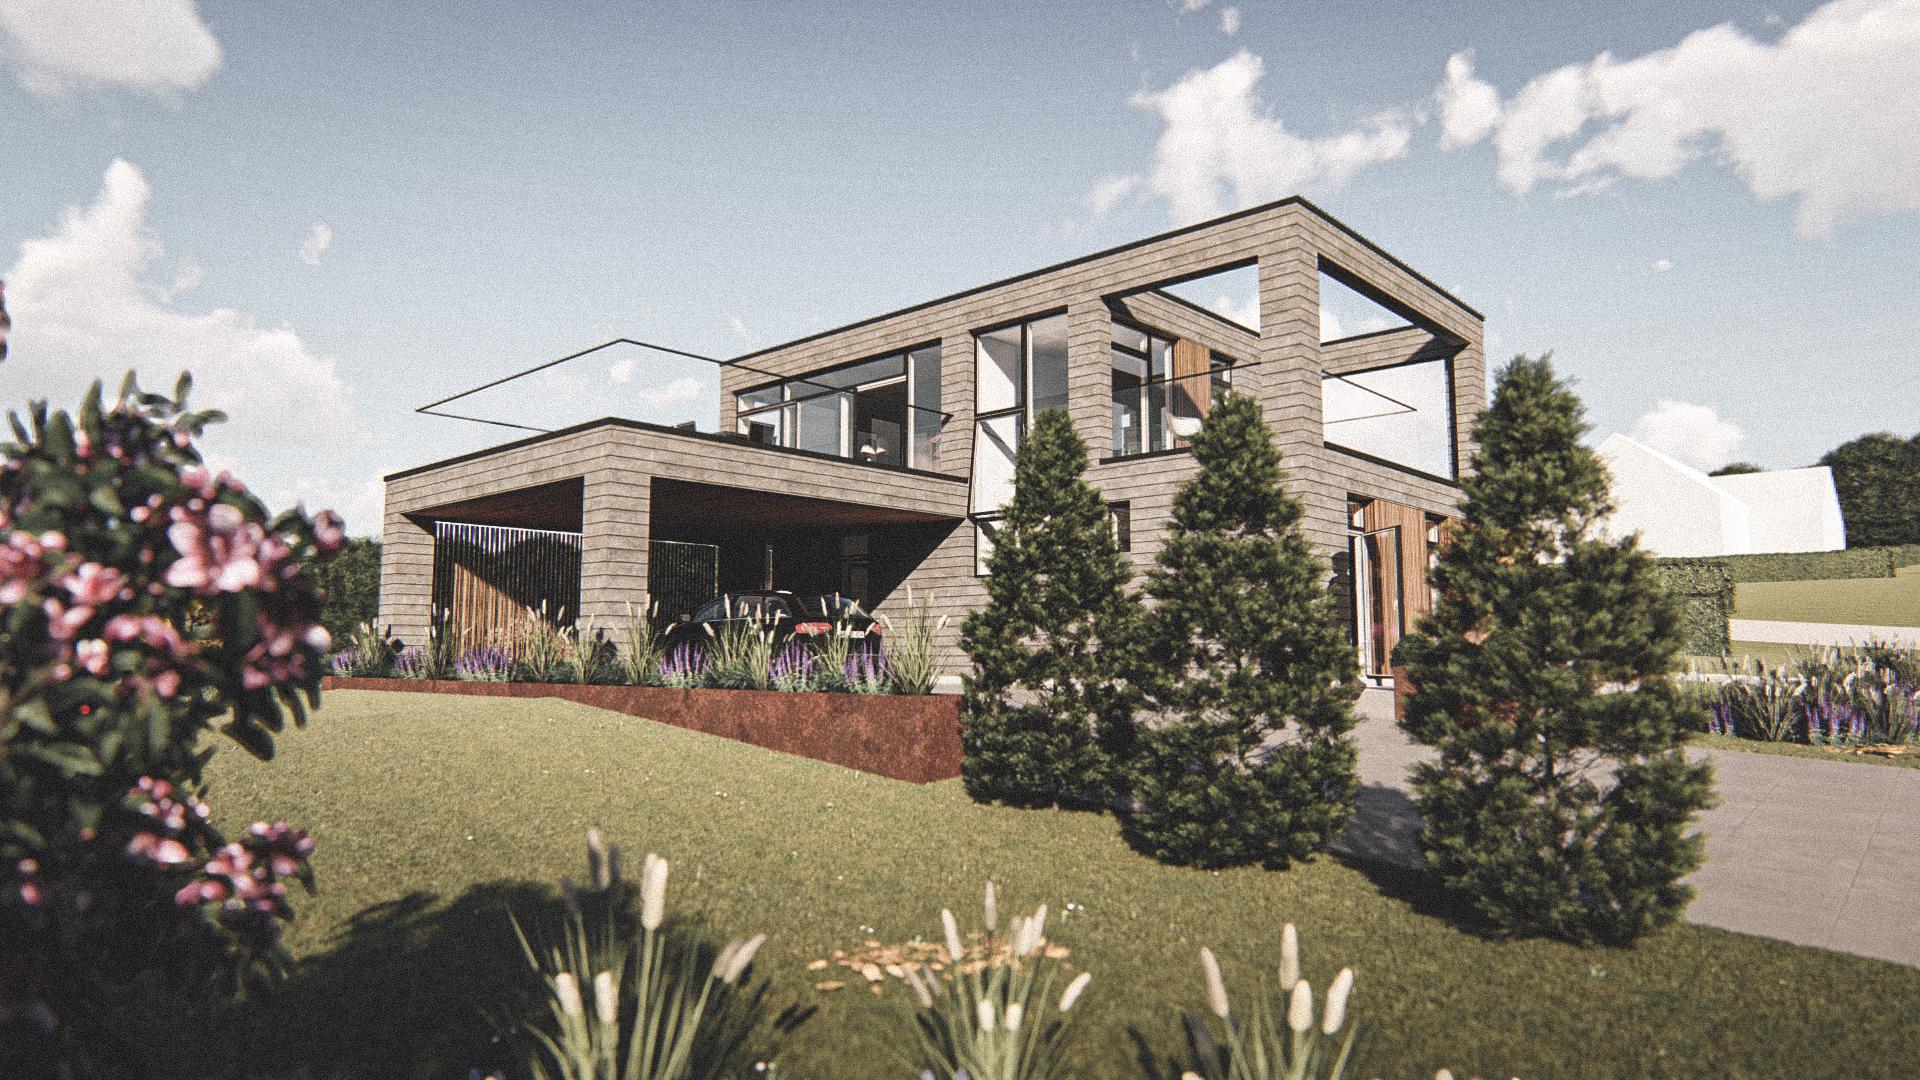 Billede af Dansk arkitekttegnet 2 plan villa af arkitektfirmaet m2plus, i Mariager på 164 kvartratmeter.